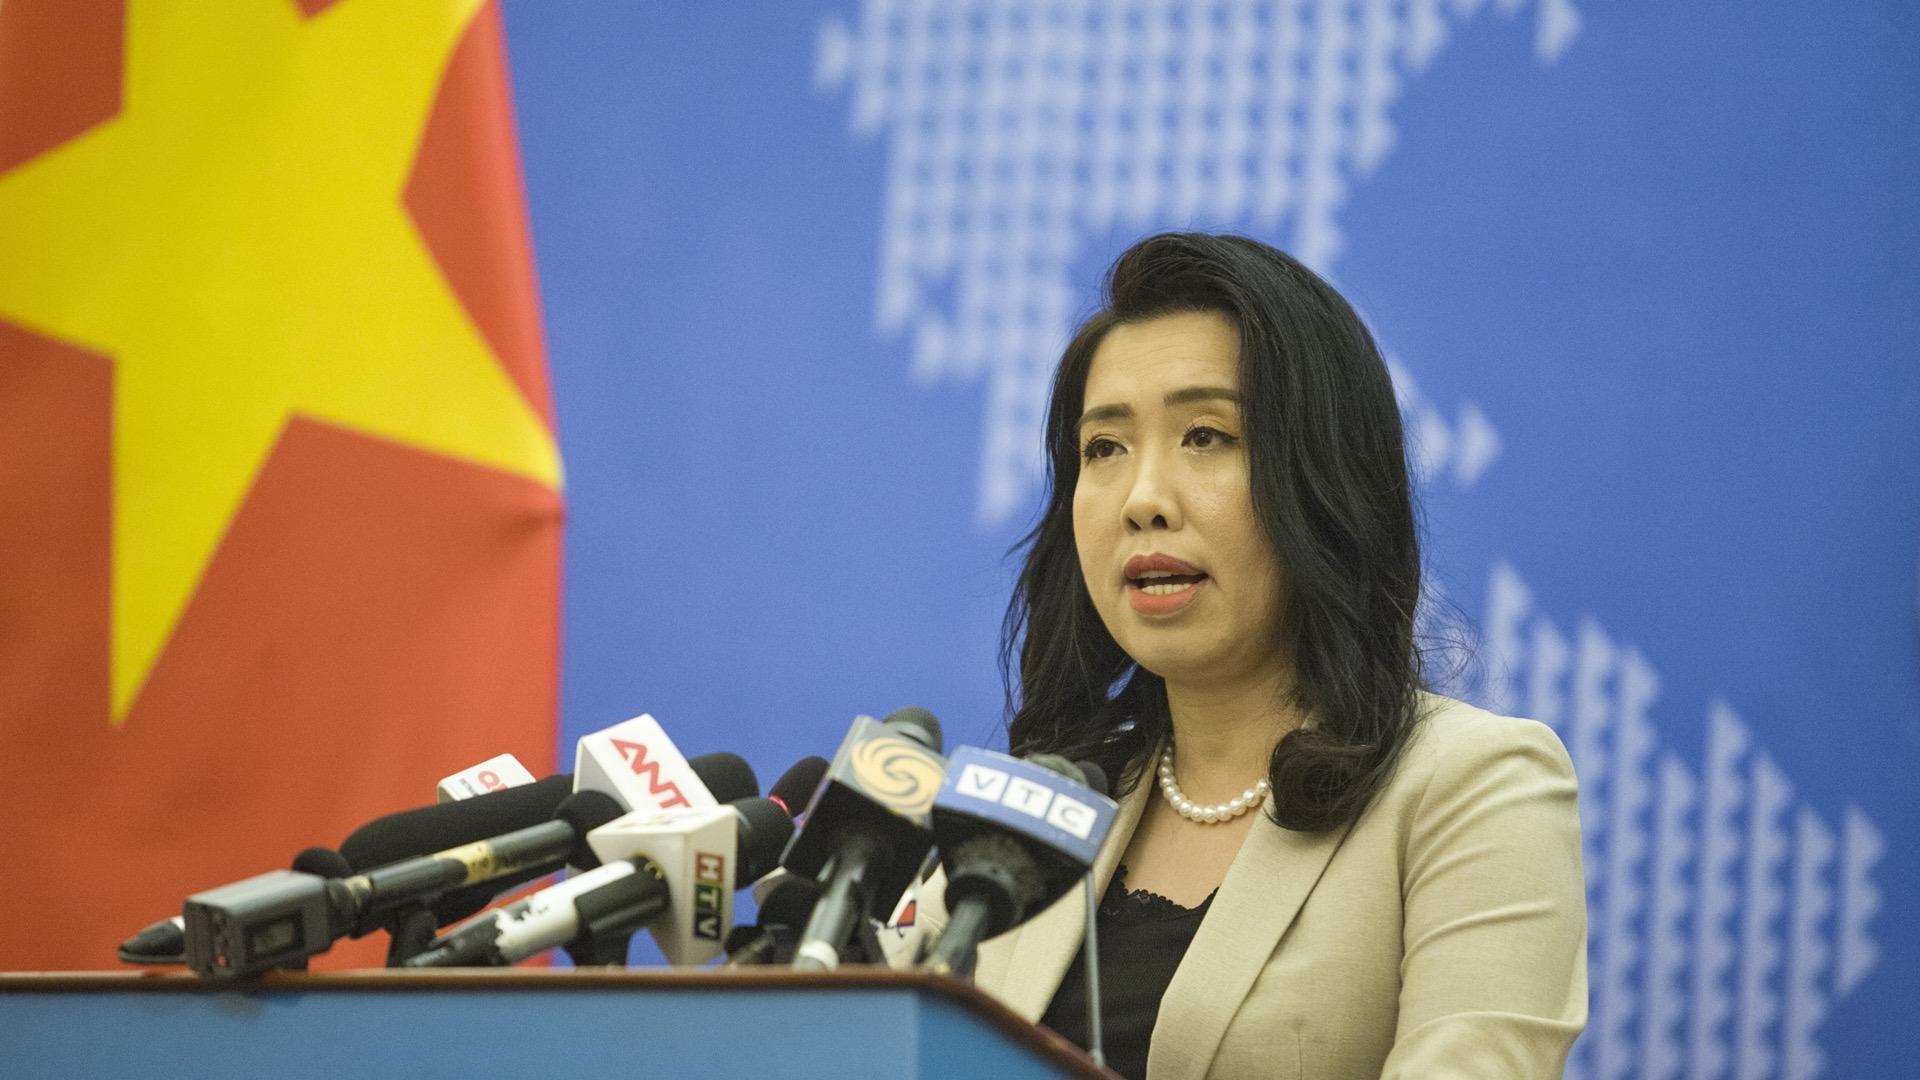 Yêu cầu Trung Quốc rút toàn bộ nhóm tàu Hải Dương 8 khỏi vùng biển Việt Nam